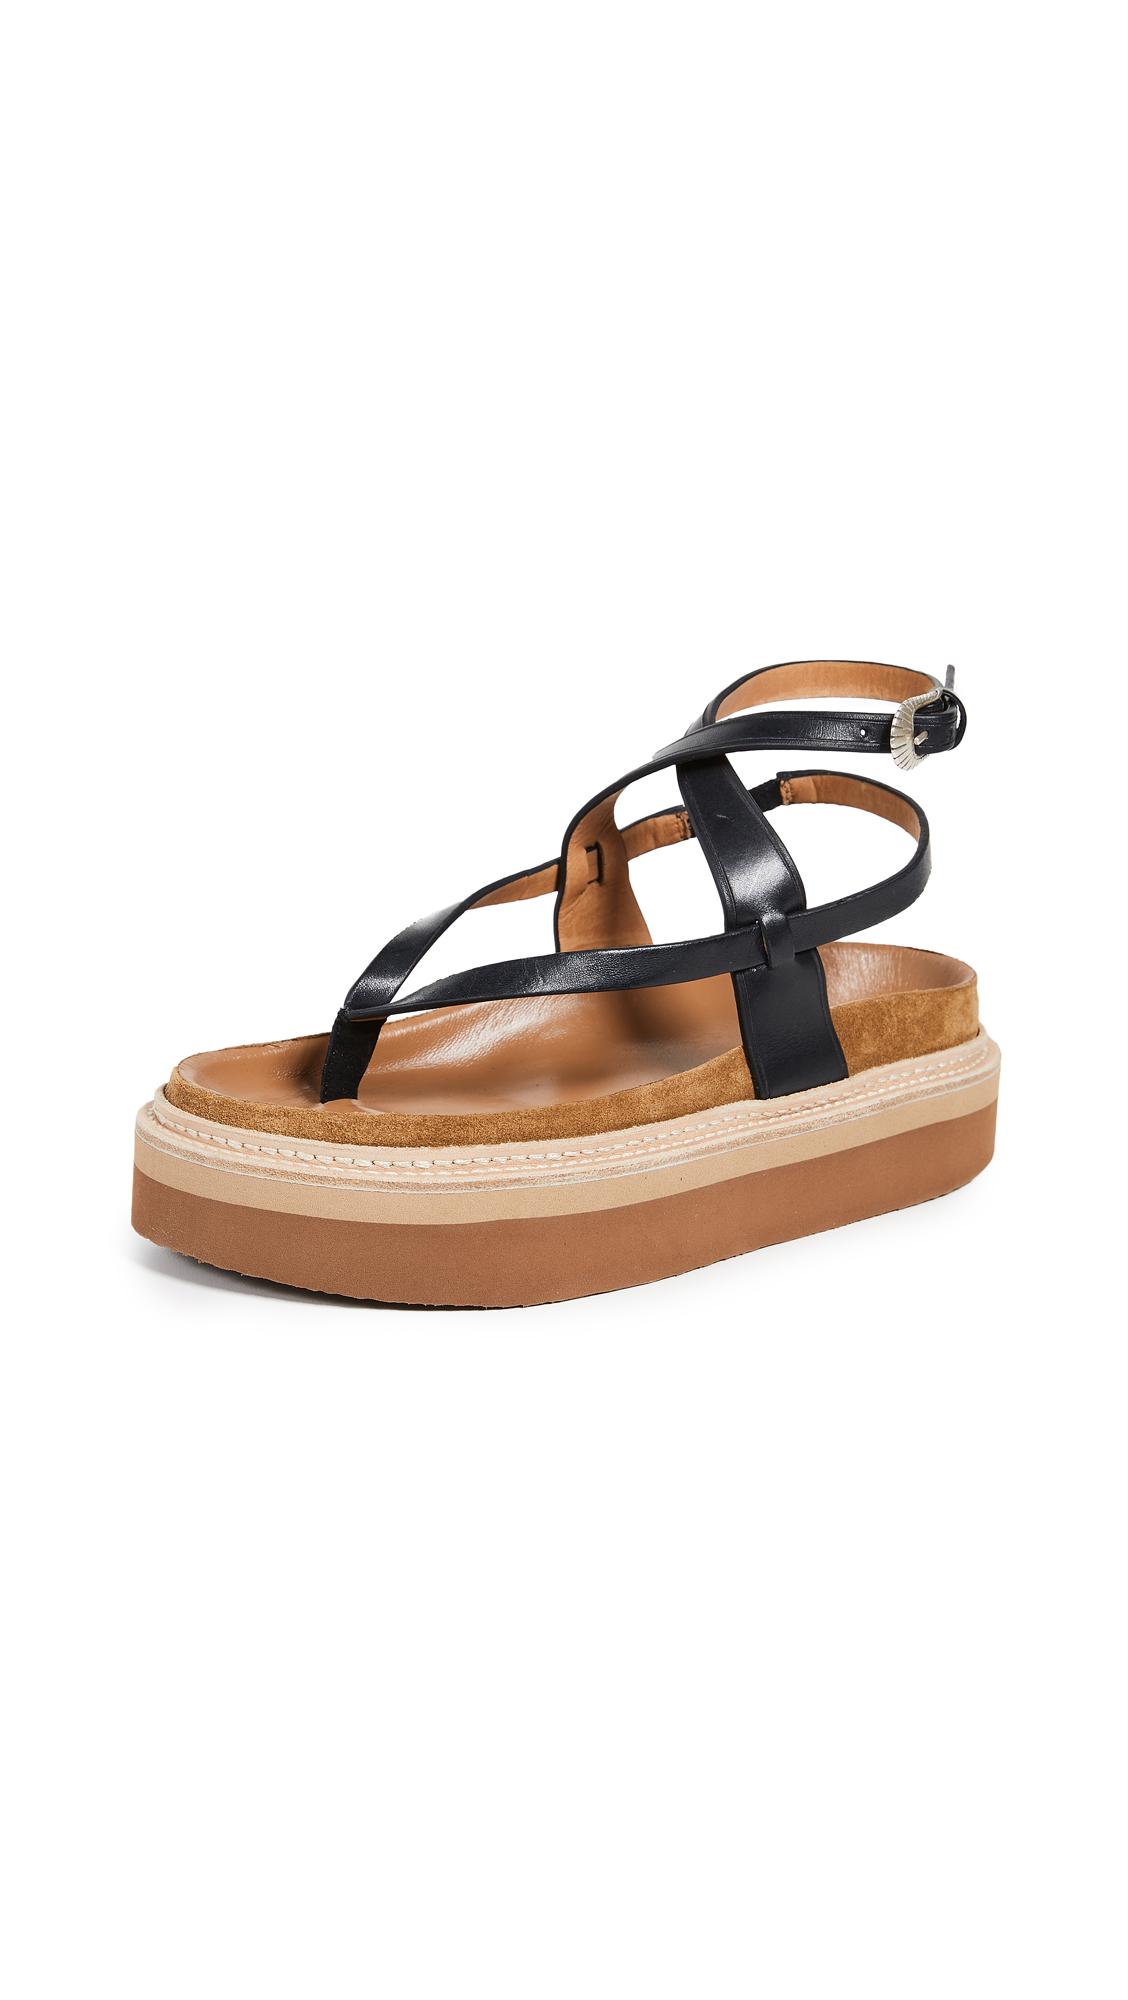 Isabel Marant Esely Platform Sandals - Black